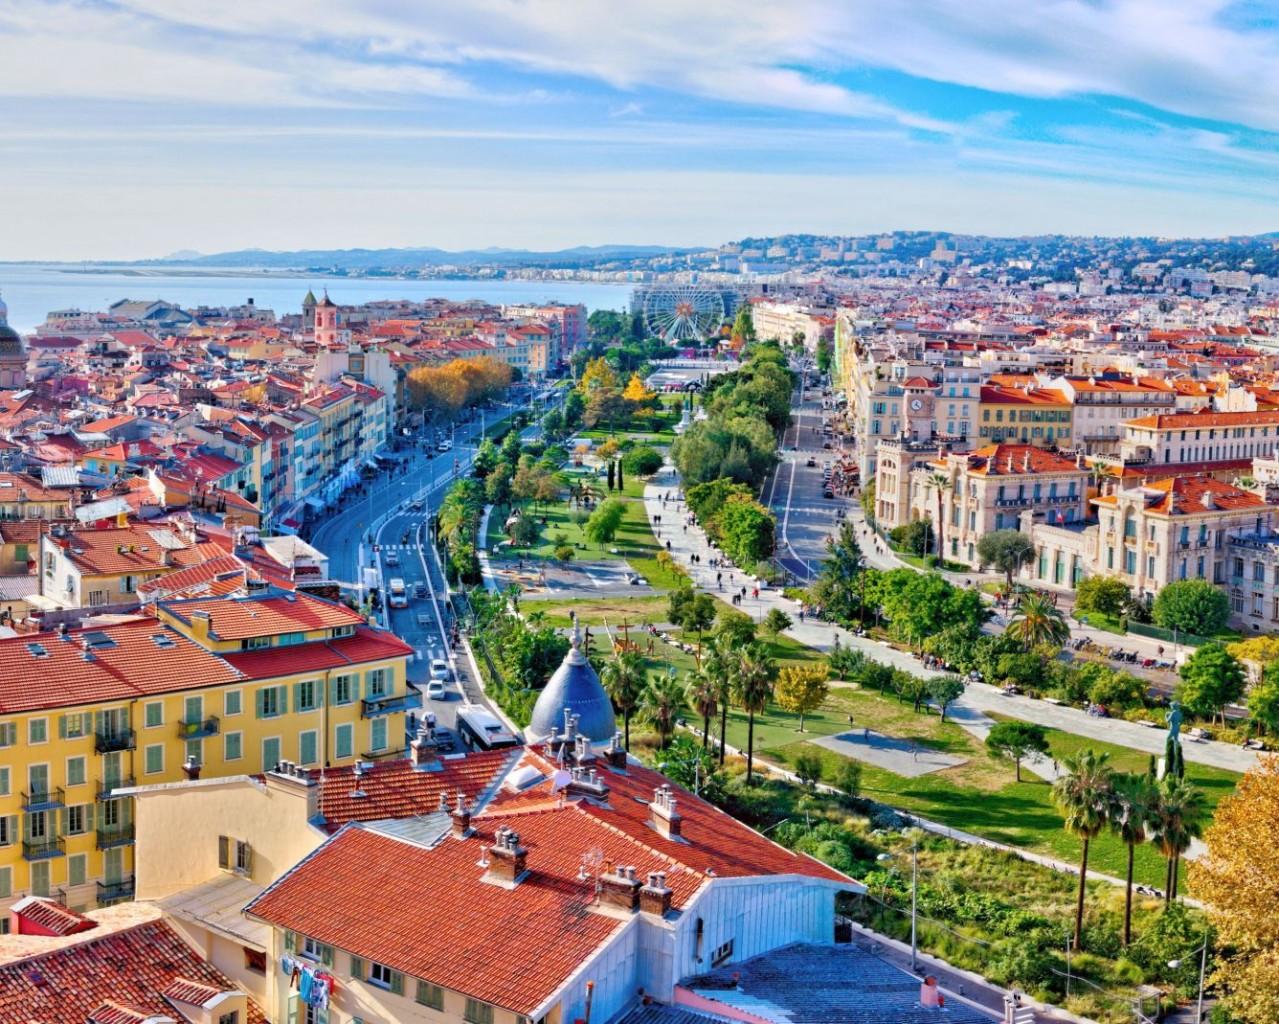 Investissement dans l'immobilier à Nice